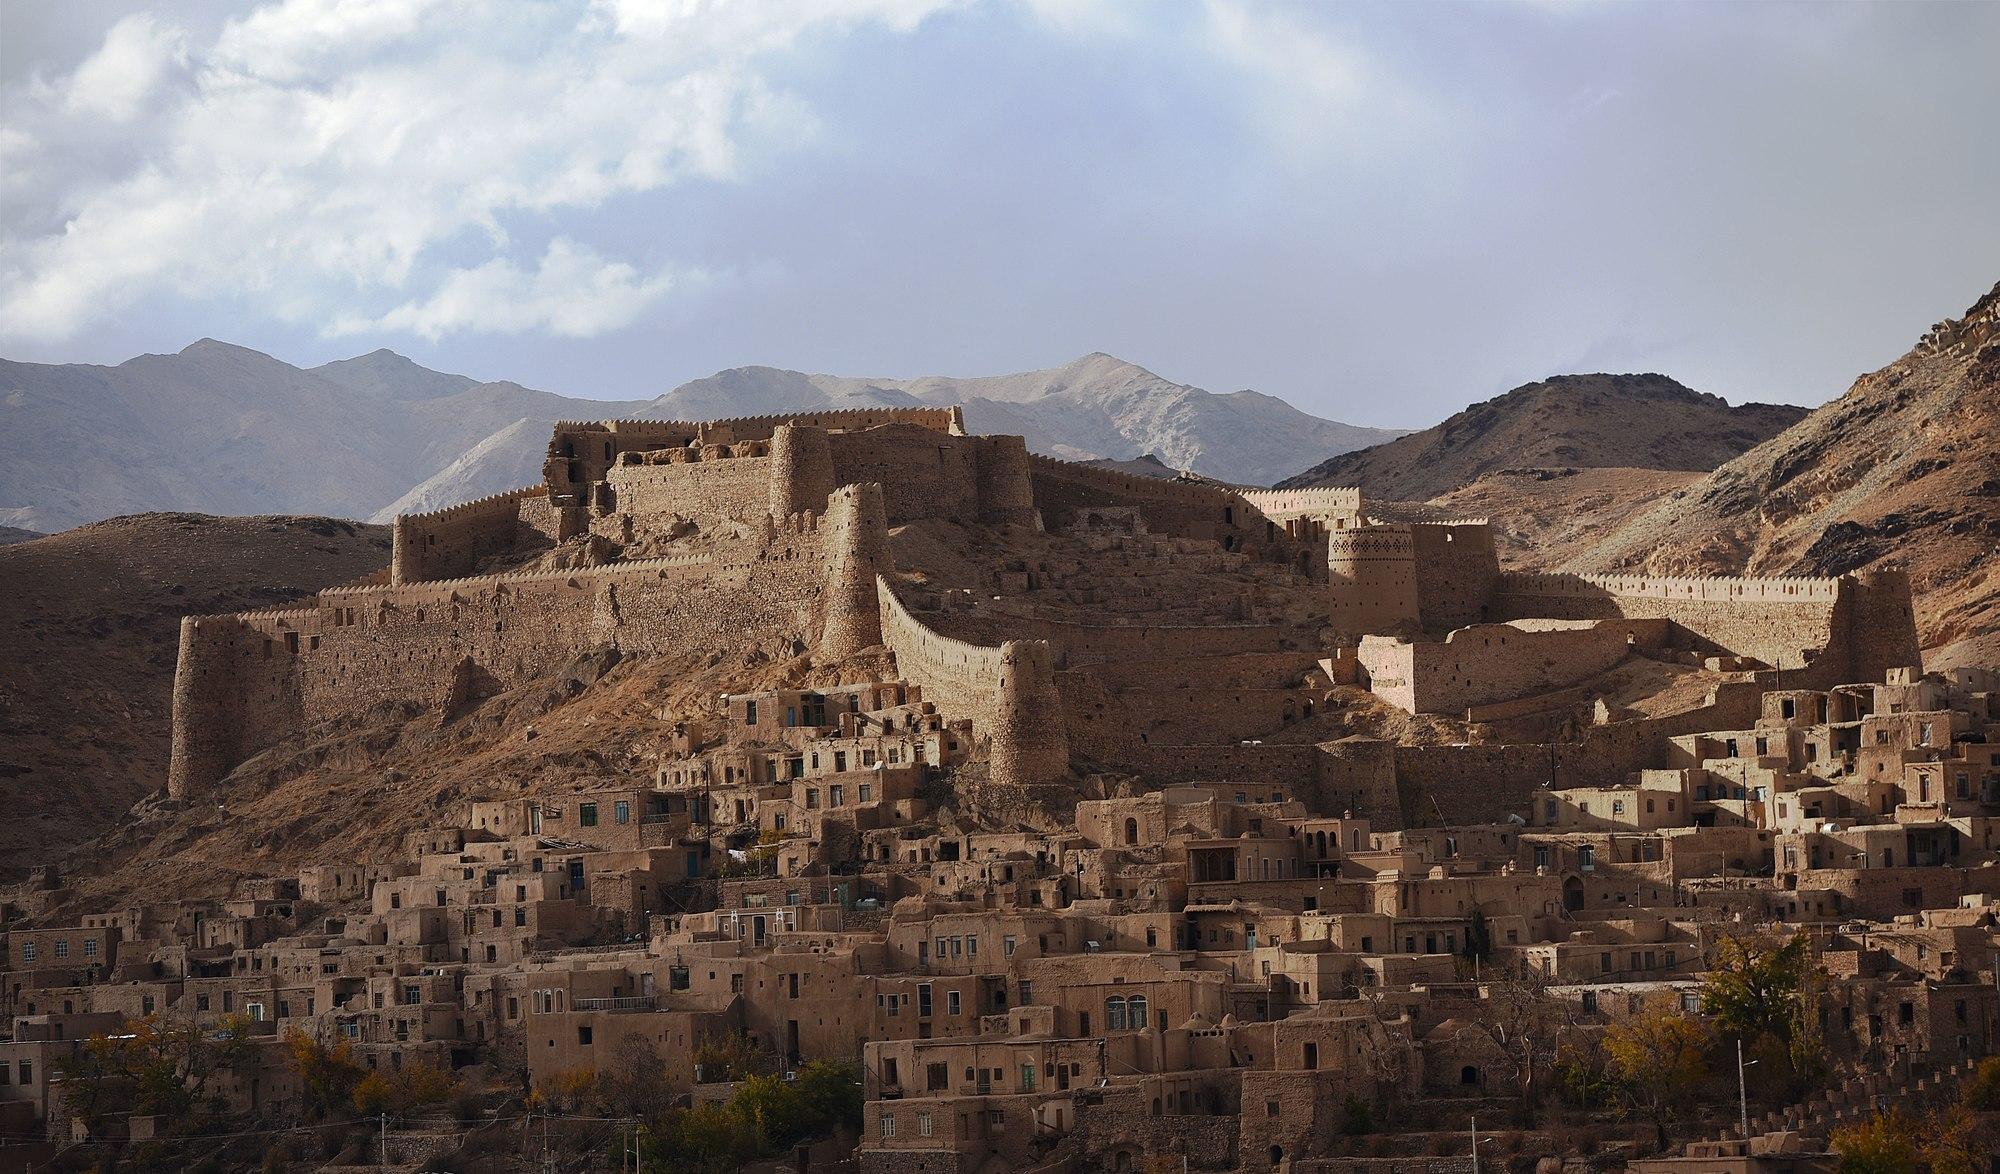 قلعه تاریخی فورگ (قلعه میرزا رفیع خان)